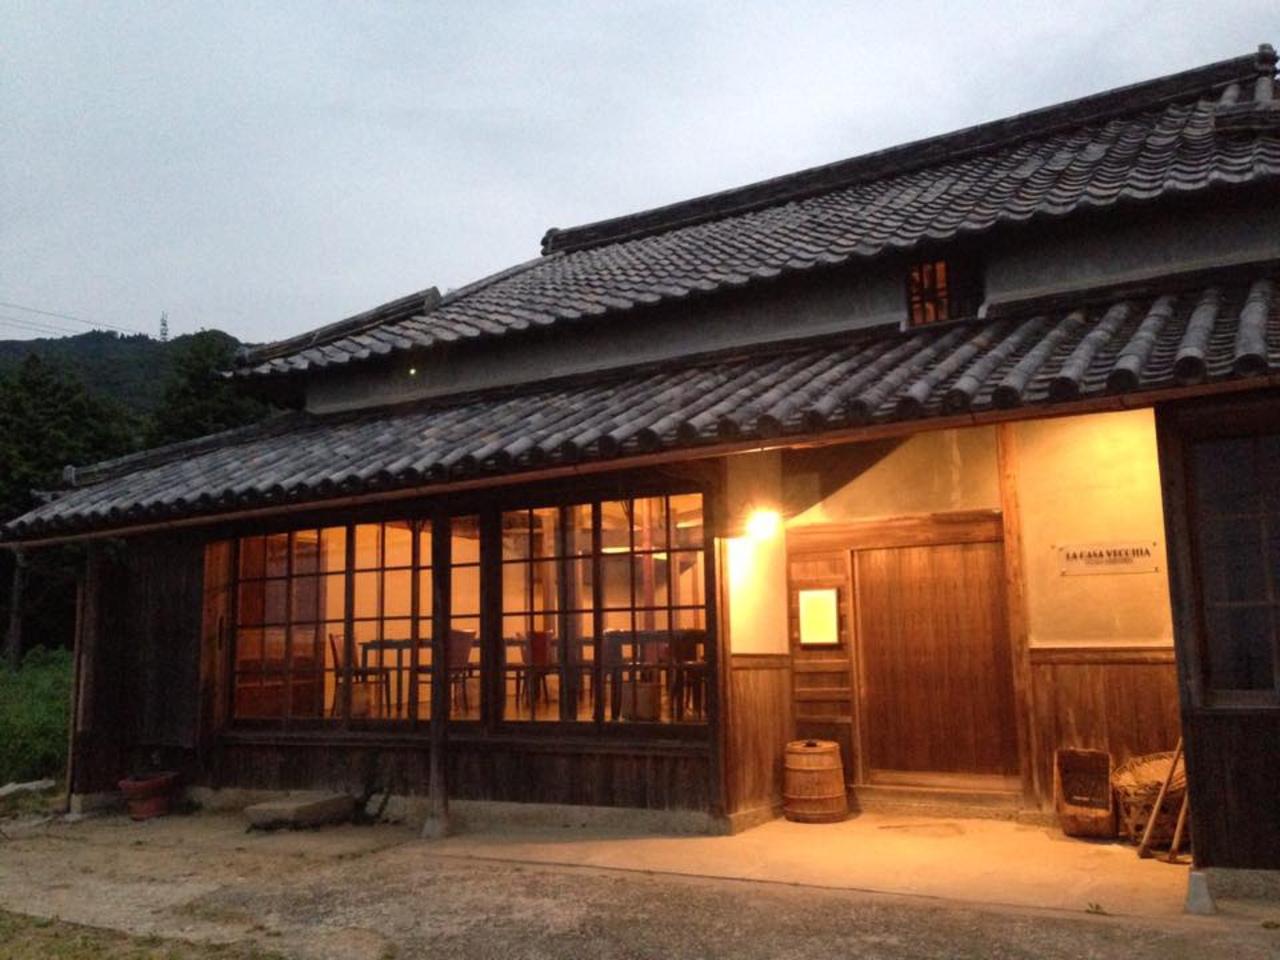 囲炉裏のある古民家のイタリア料理店。。兵庫県淡路市釜口の『ラ カーサ ヴェッキア』